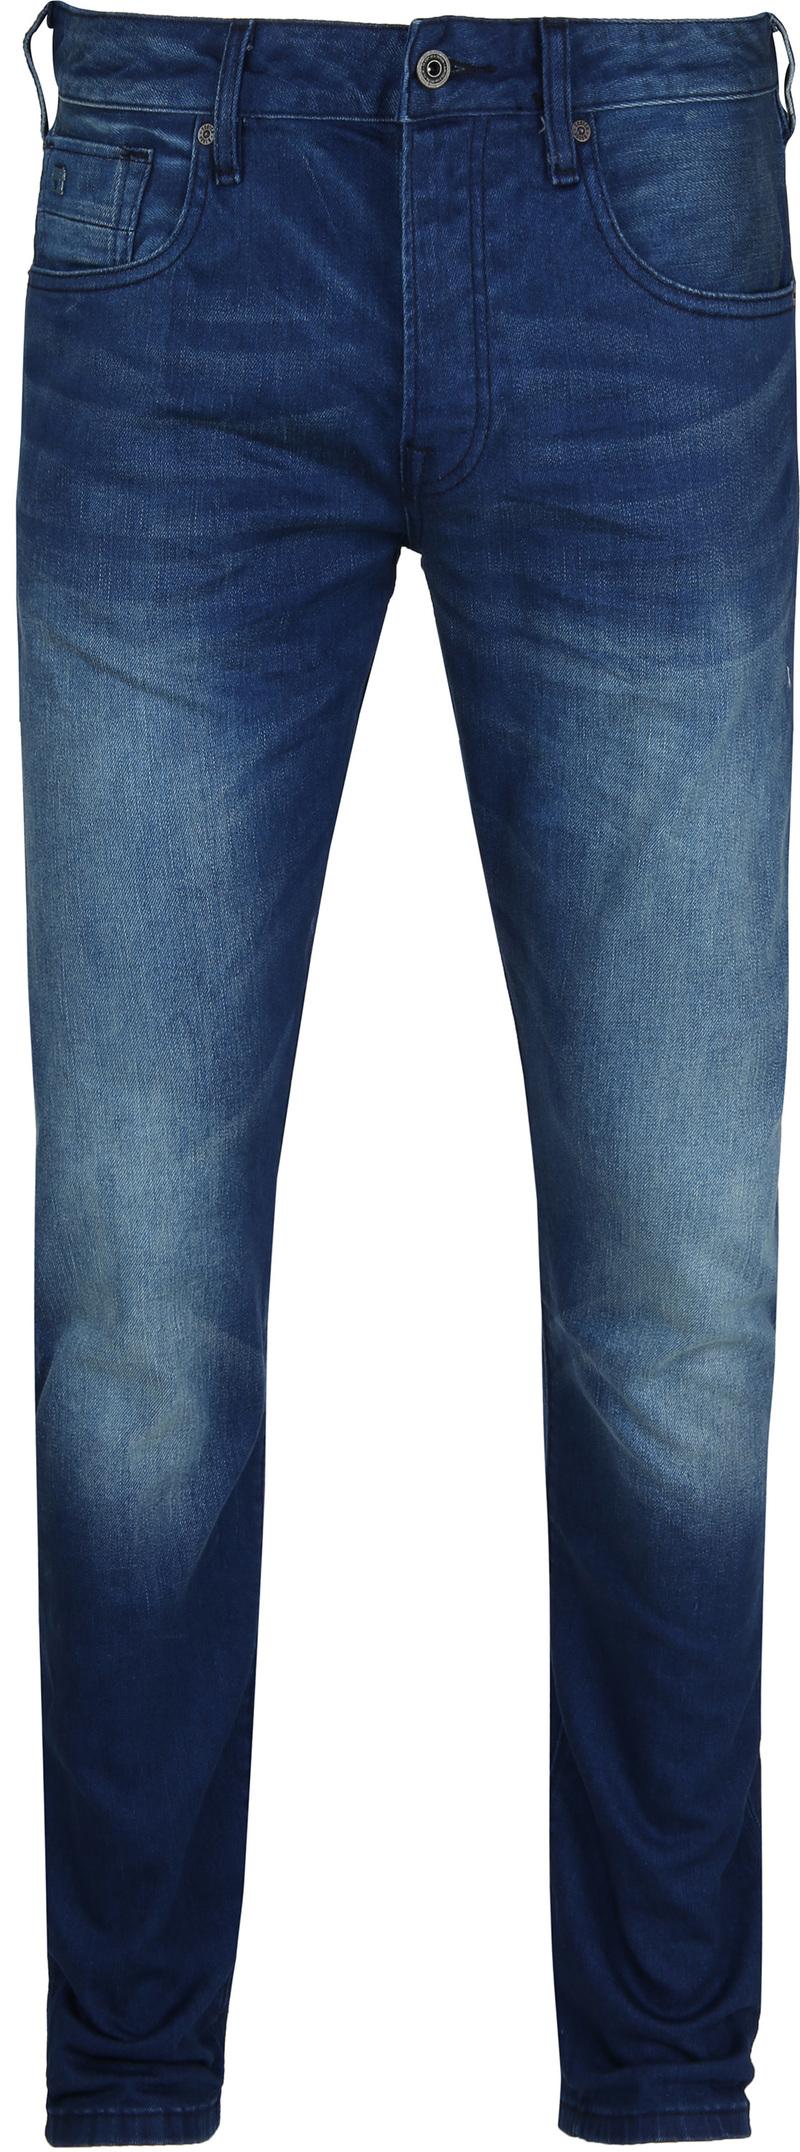 Scotch and Soda Ralston Jeans Blauw foto 0